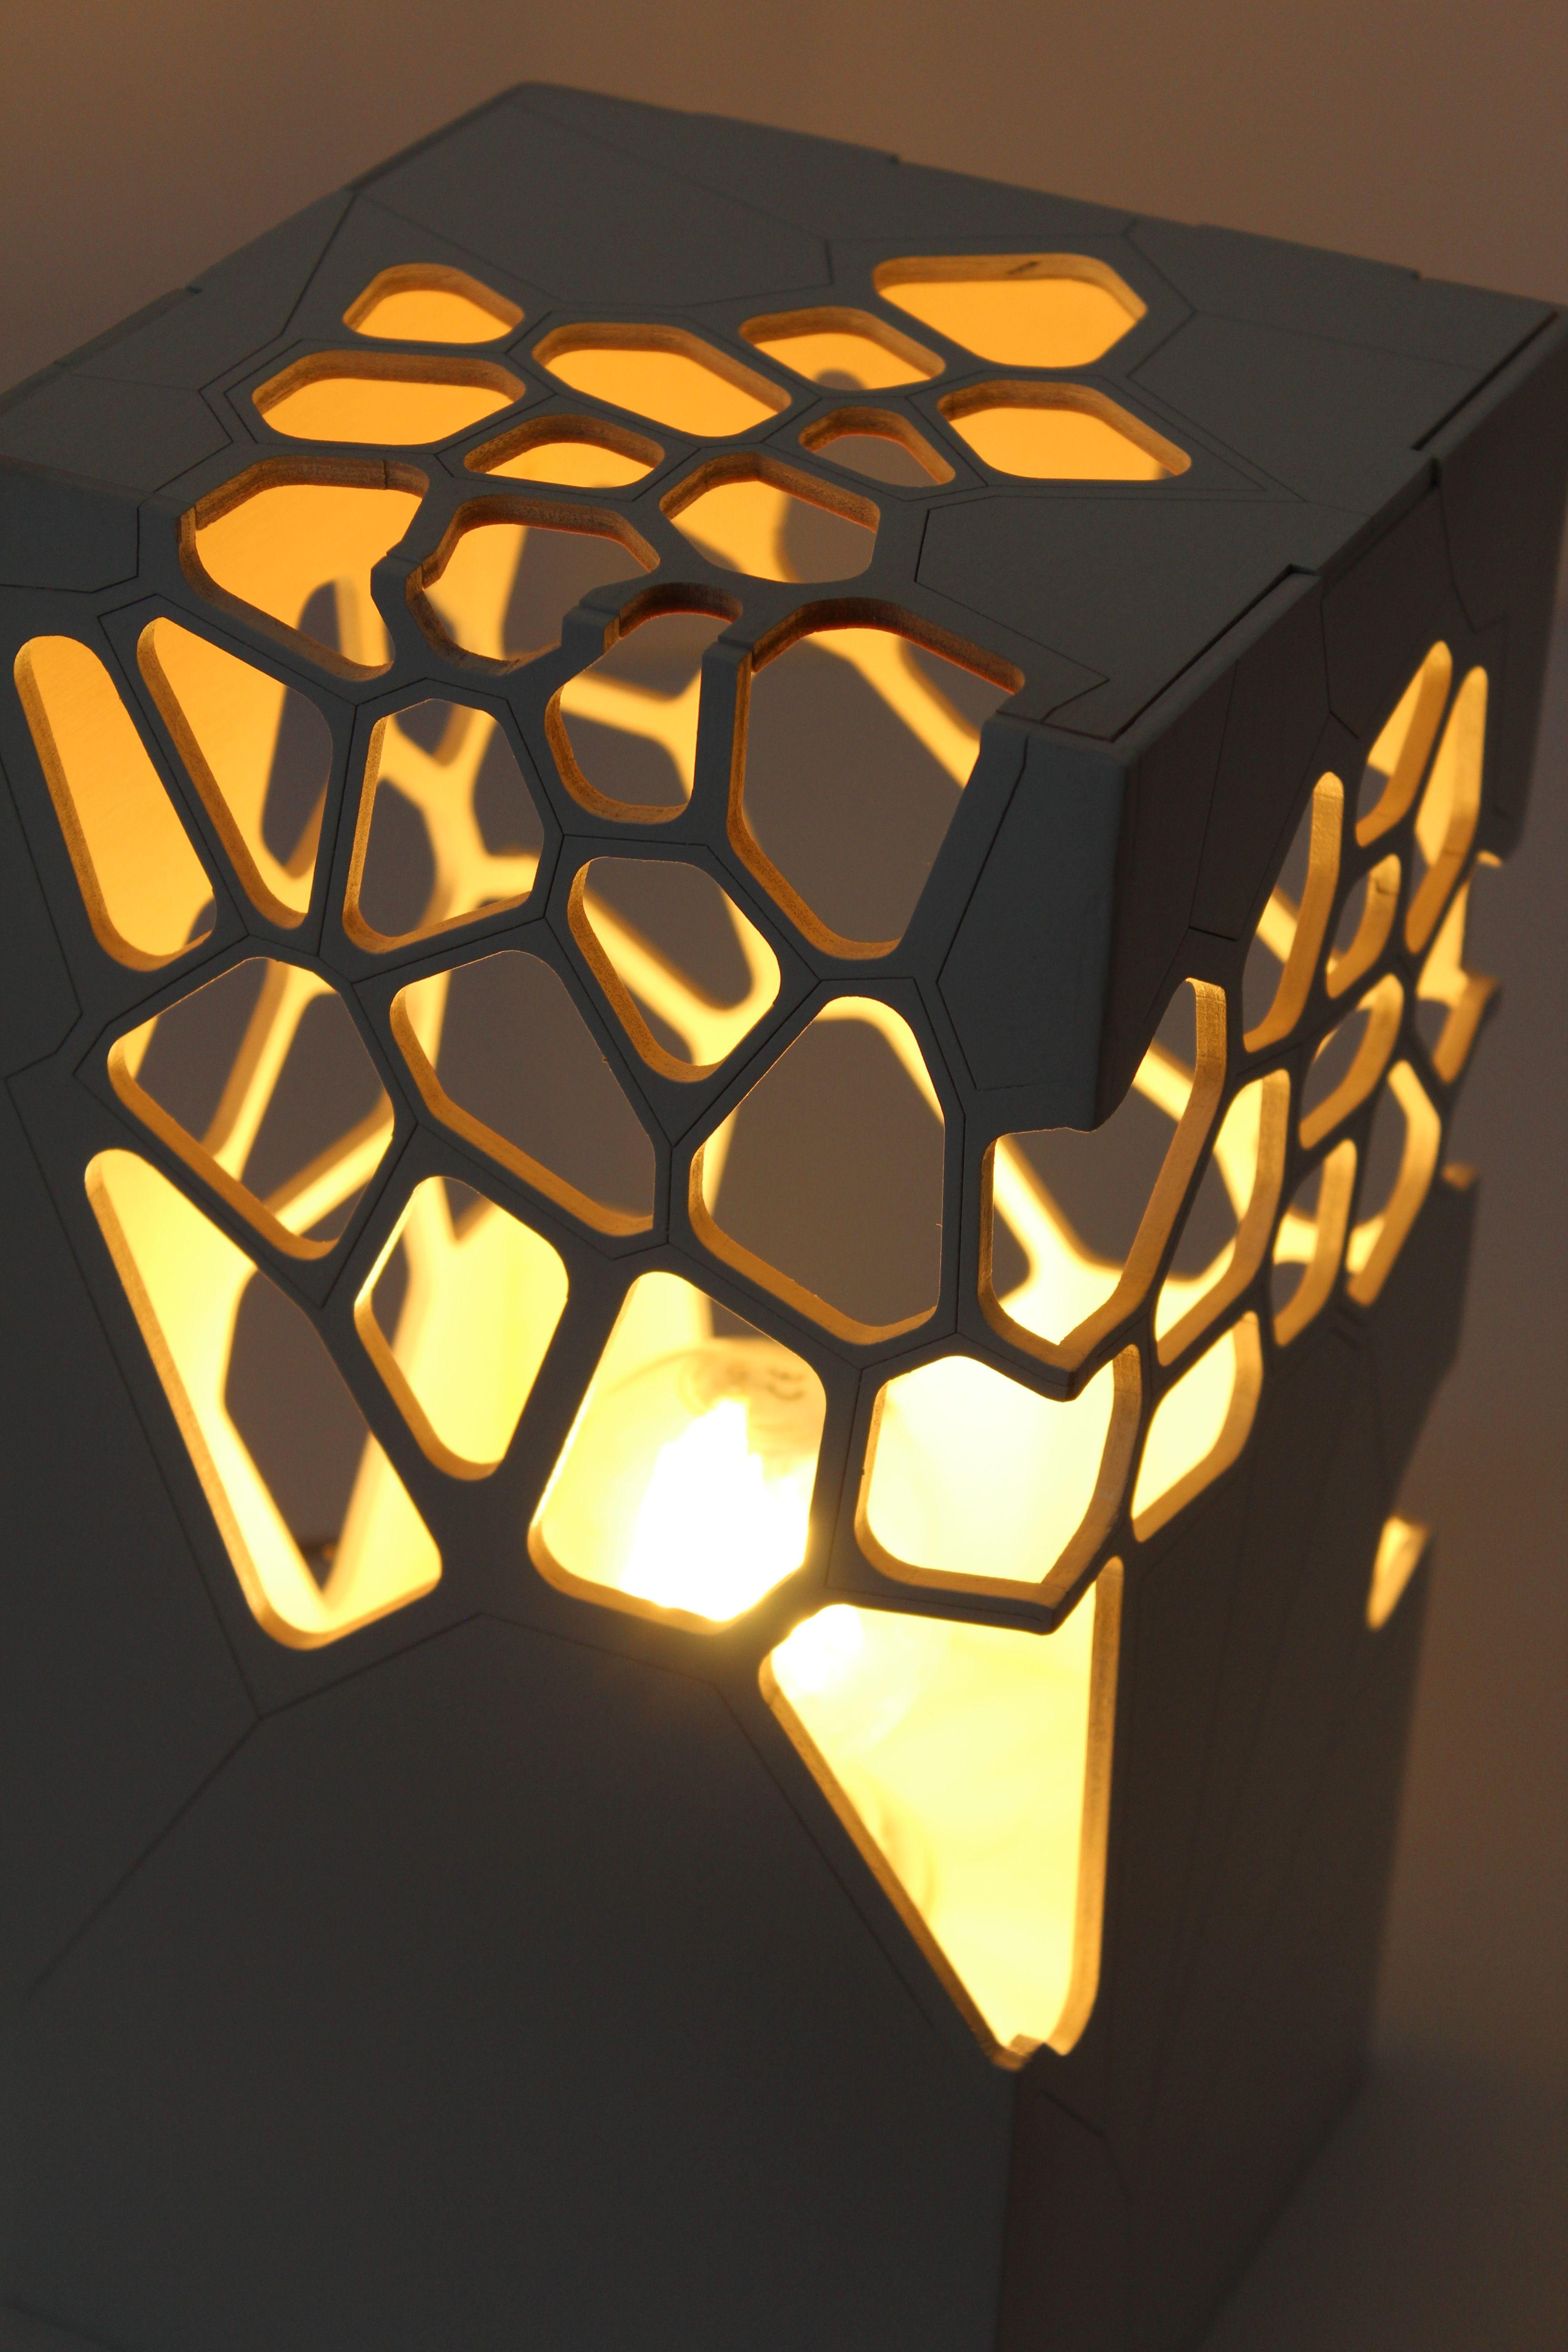 Zush Voronoi Delaunay Table Light Derevyannye Lampy Sovremennye Lampy Dekorativnye Svetilniki